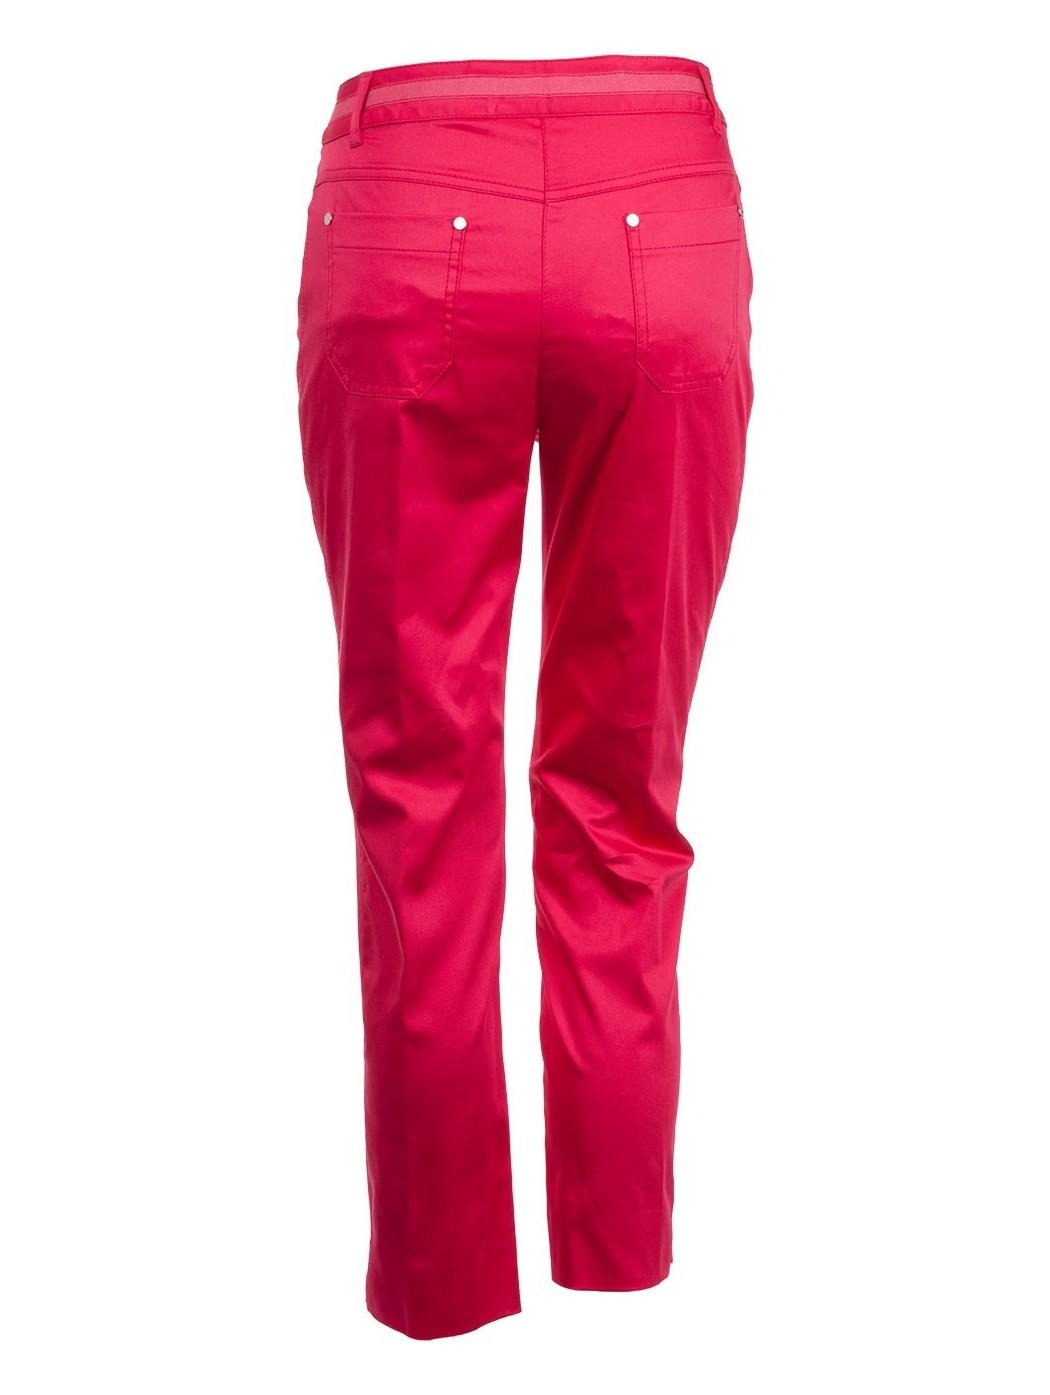 Pantalone fucsia Fuego